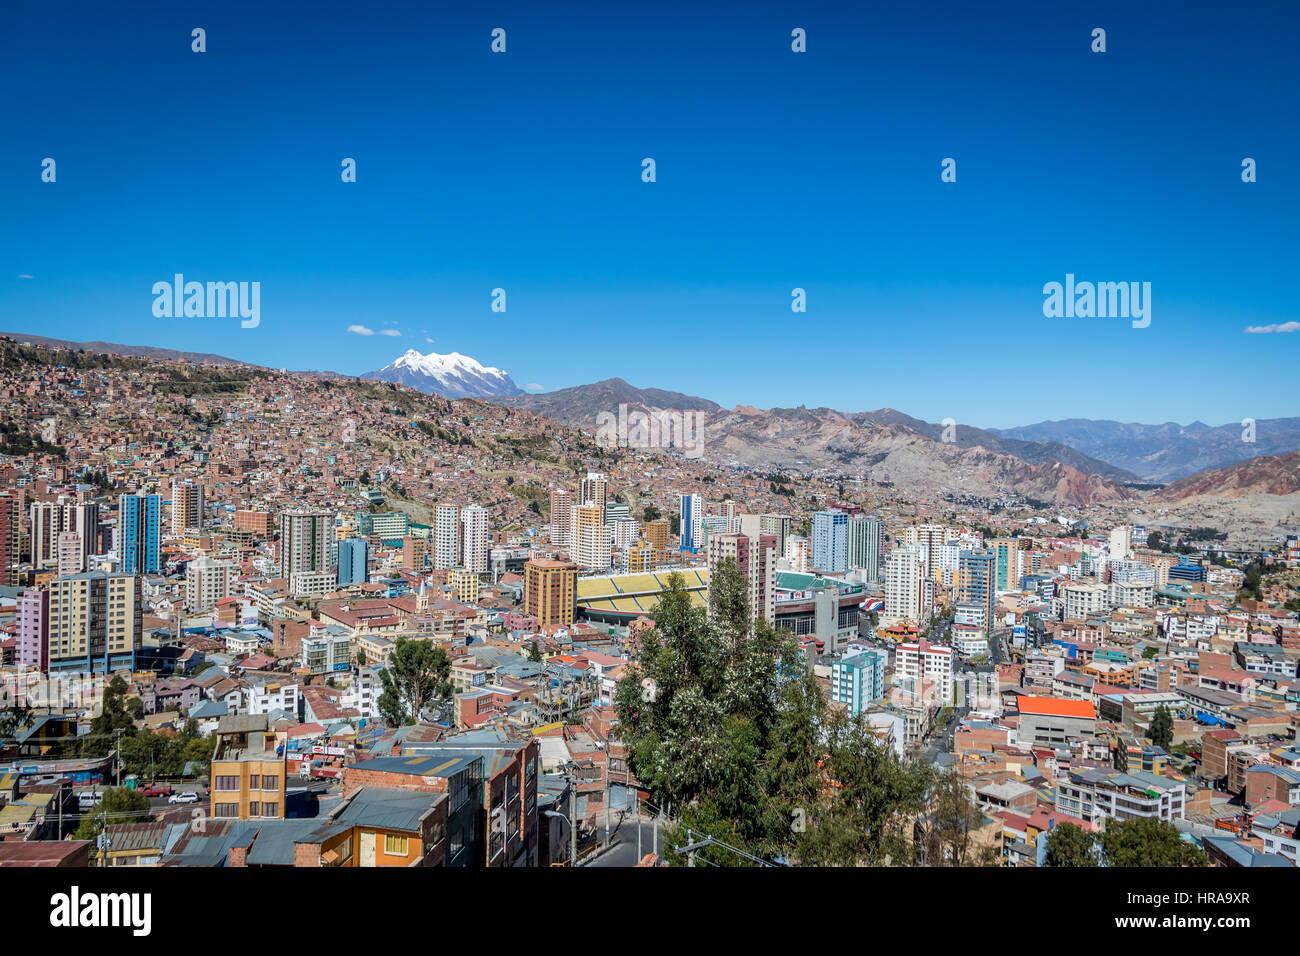 Vista panorámica de la Ciudad de La Paz con la montaña Illimani - La Paz, Bolivia Imagen De Stock